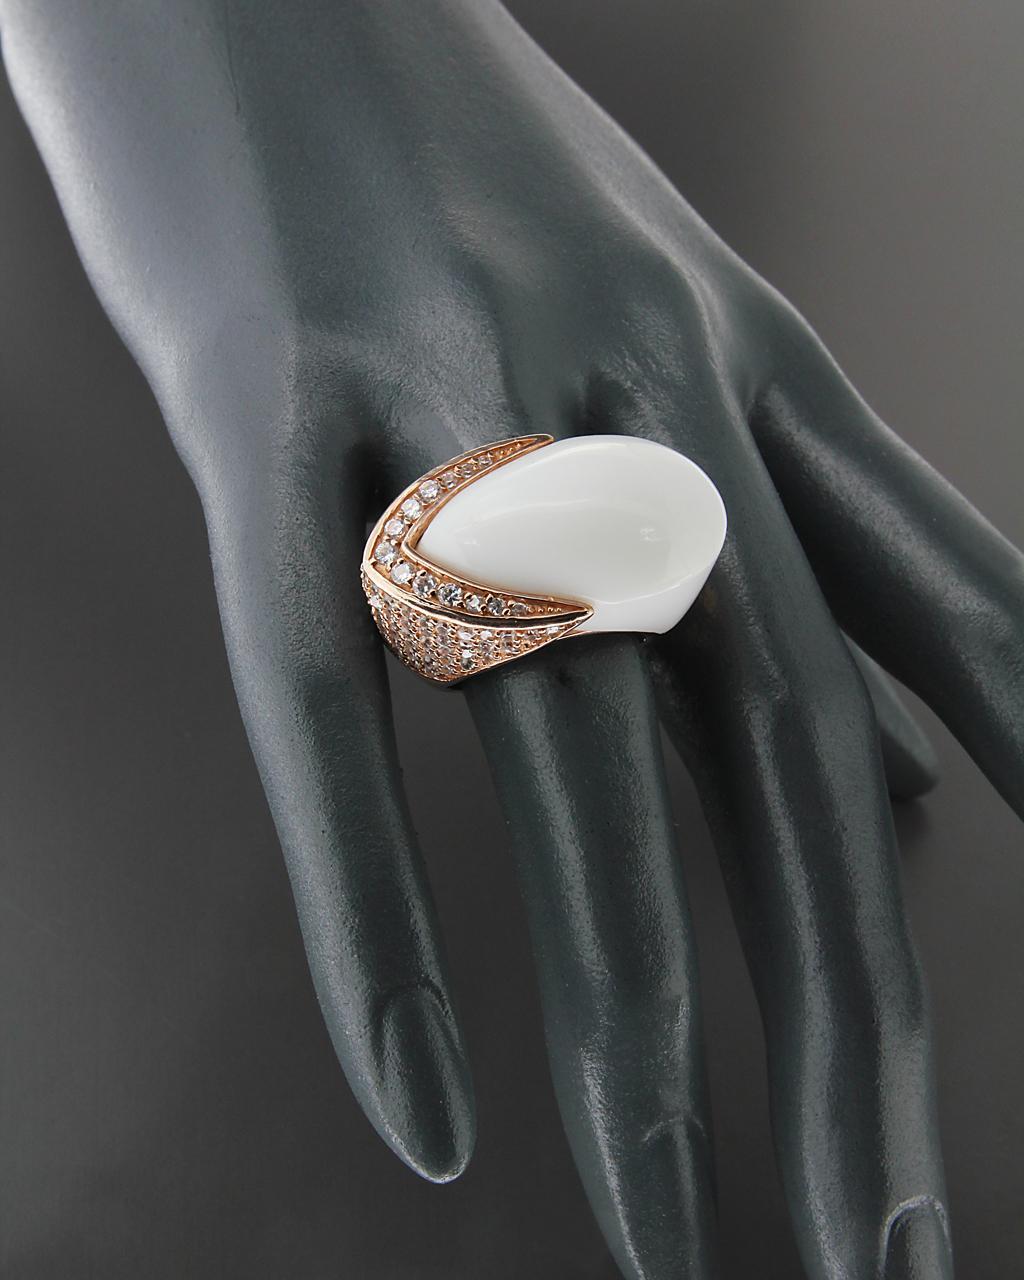 Δαχτυλίδι ασημένιο 925 με συνθετικό Όνυχα & Ζιργκόν   γυναικα δαχτυλίδια δαχτυλίδια ημιπολύτιμοι λίθοι